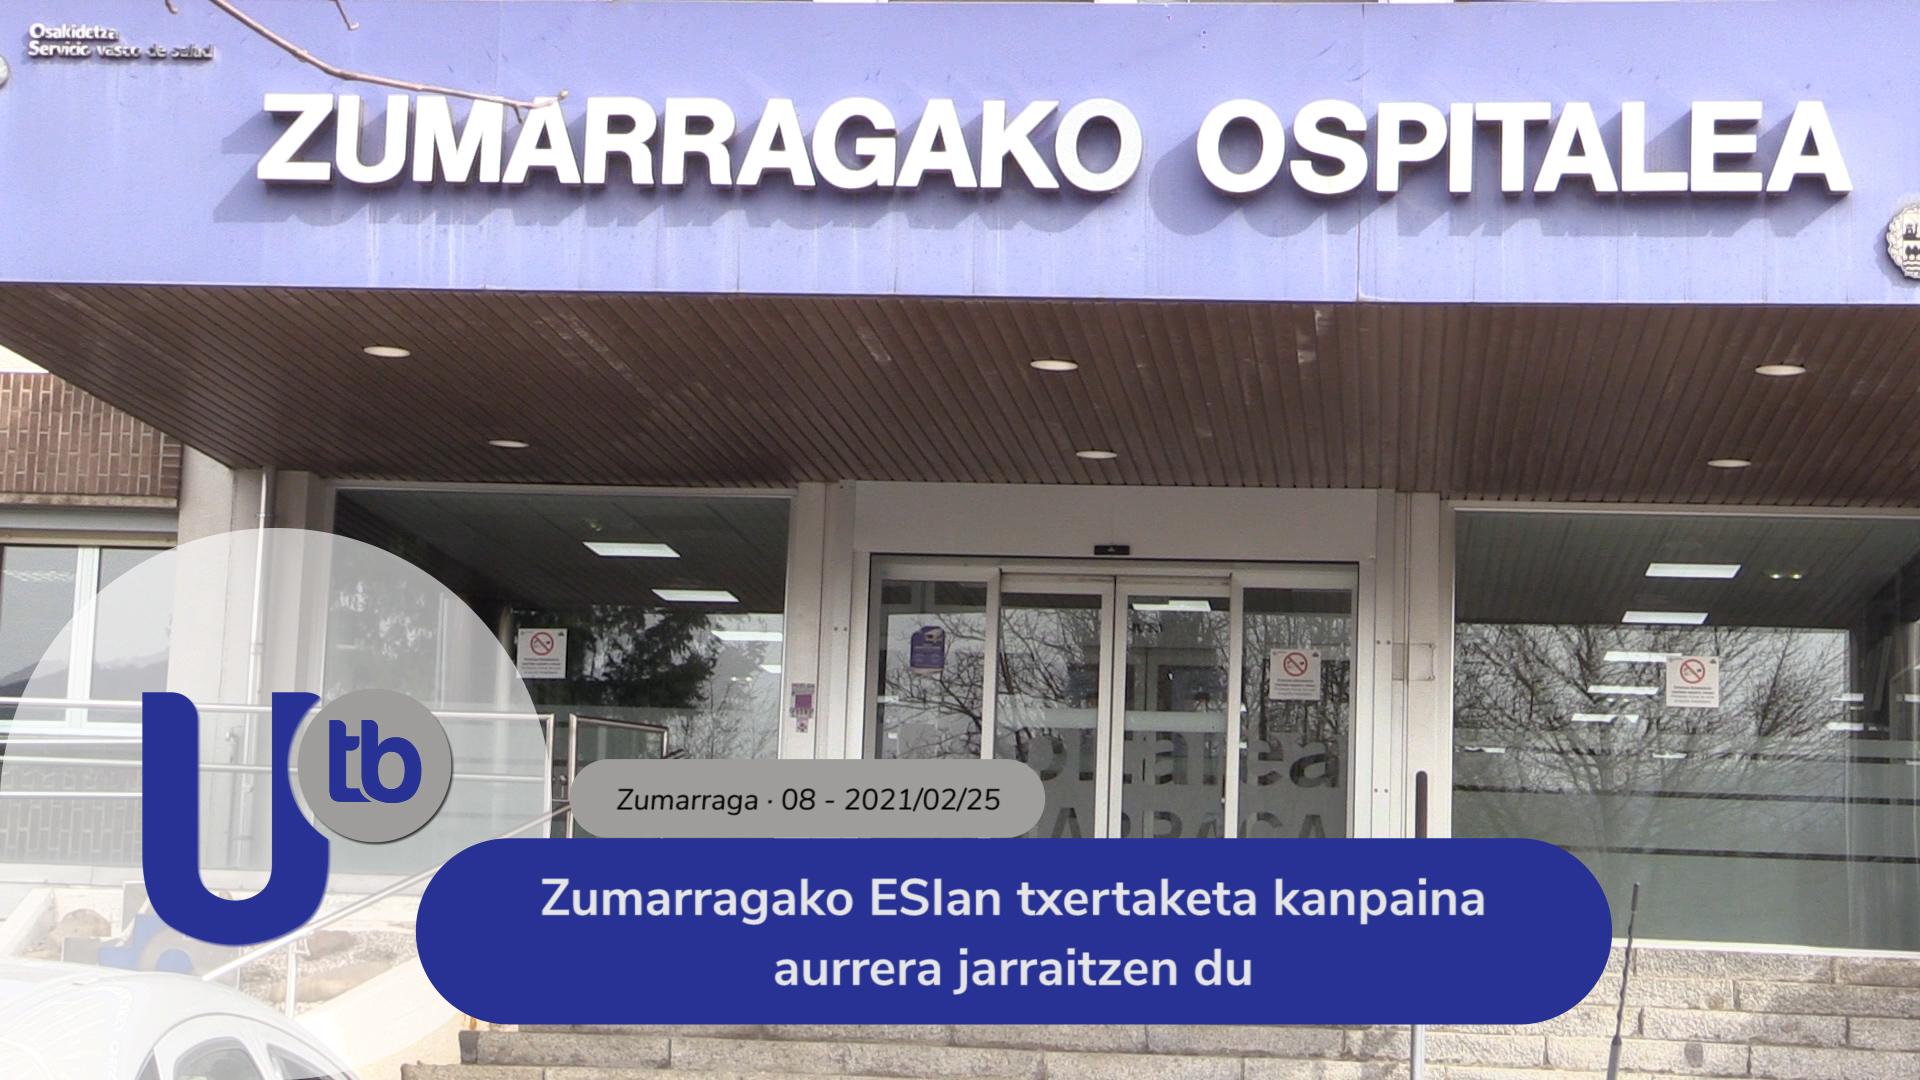 Zumarragako ESIan txertaketa kanpaina aurrera jarraitzen du / Continúa la campaña de vacunaciones en la OSI de Zumarraga